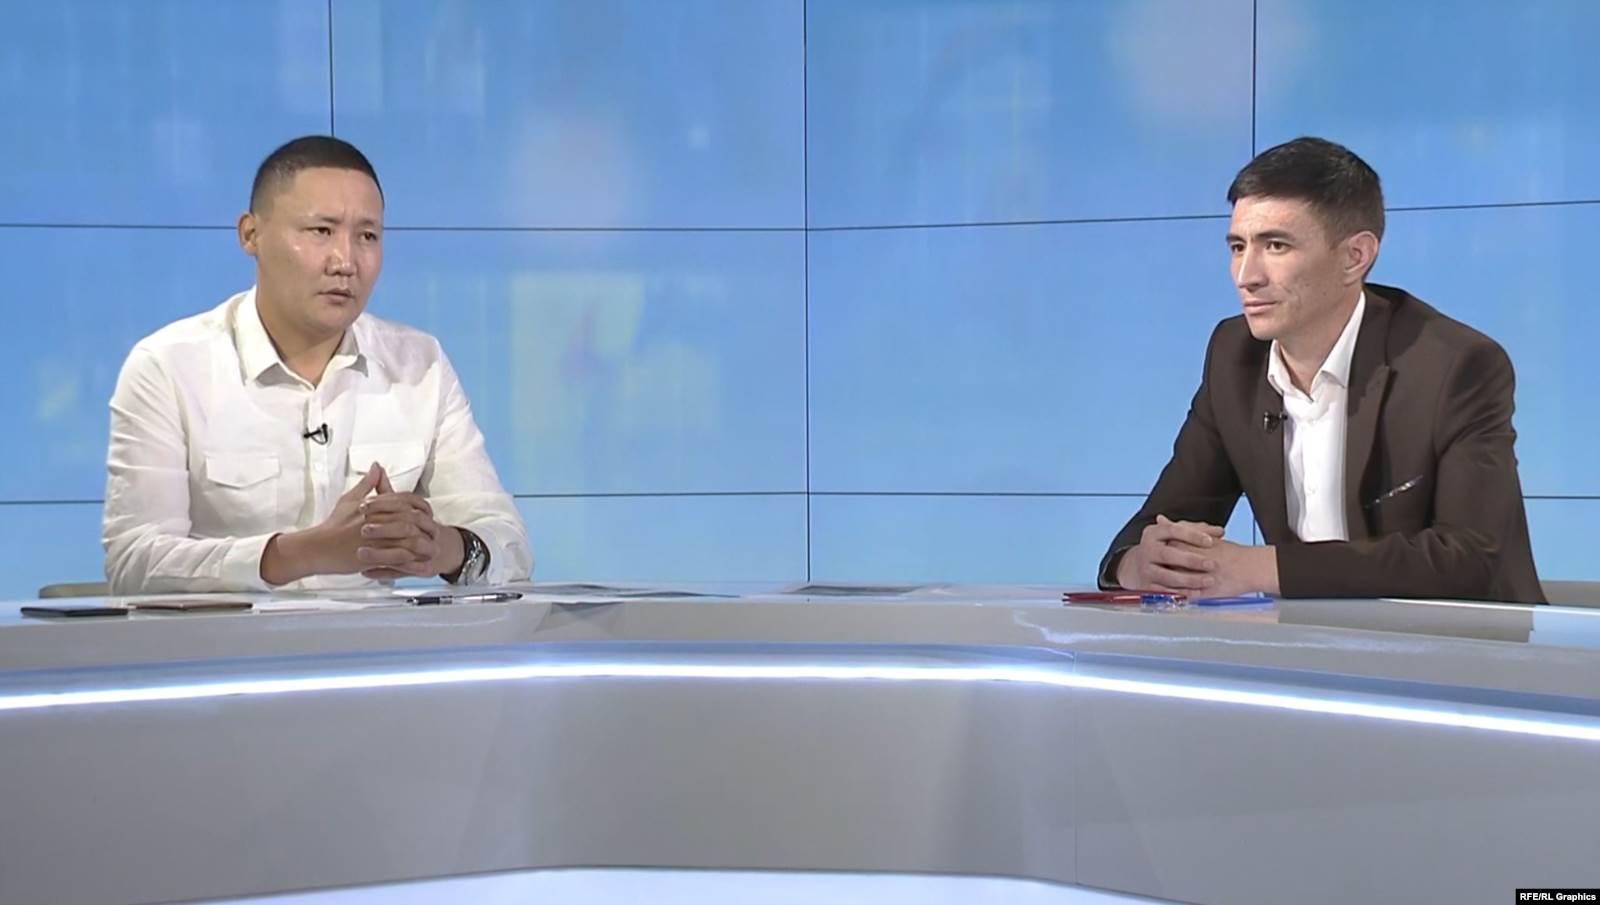 """Майор Айбек Камчыбеков жана улук лейтенант Марлис Осмонбеков """"Азаттыкка"""" маек берип жаткан учуру."""